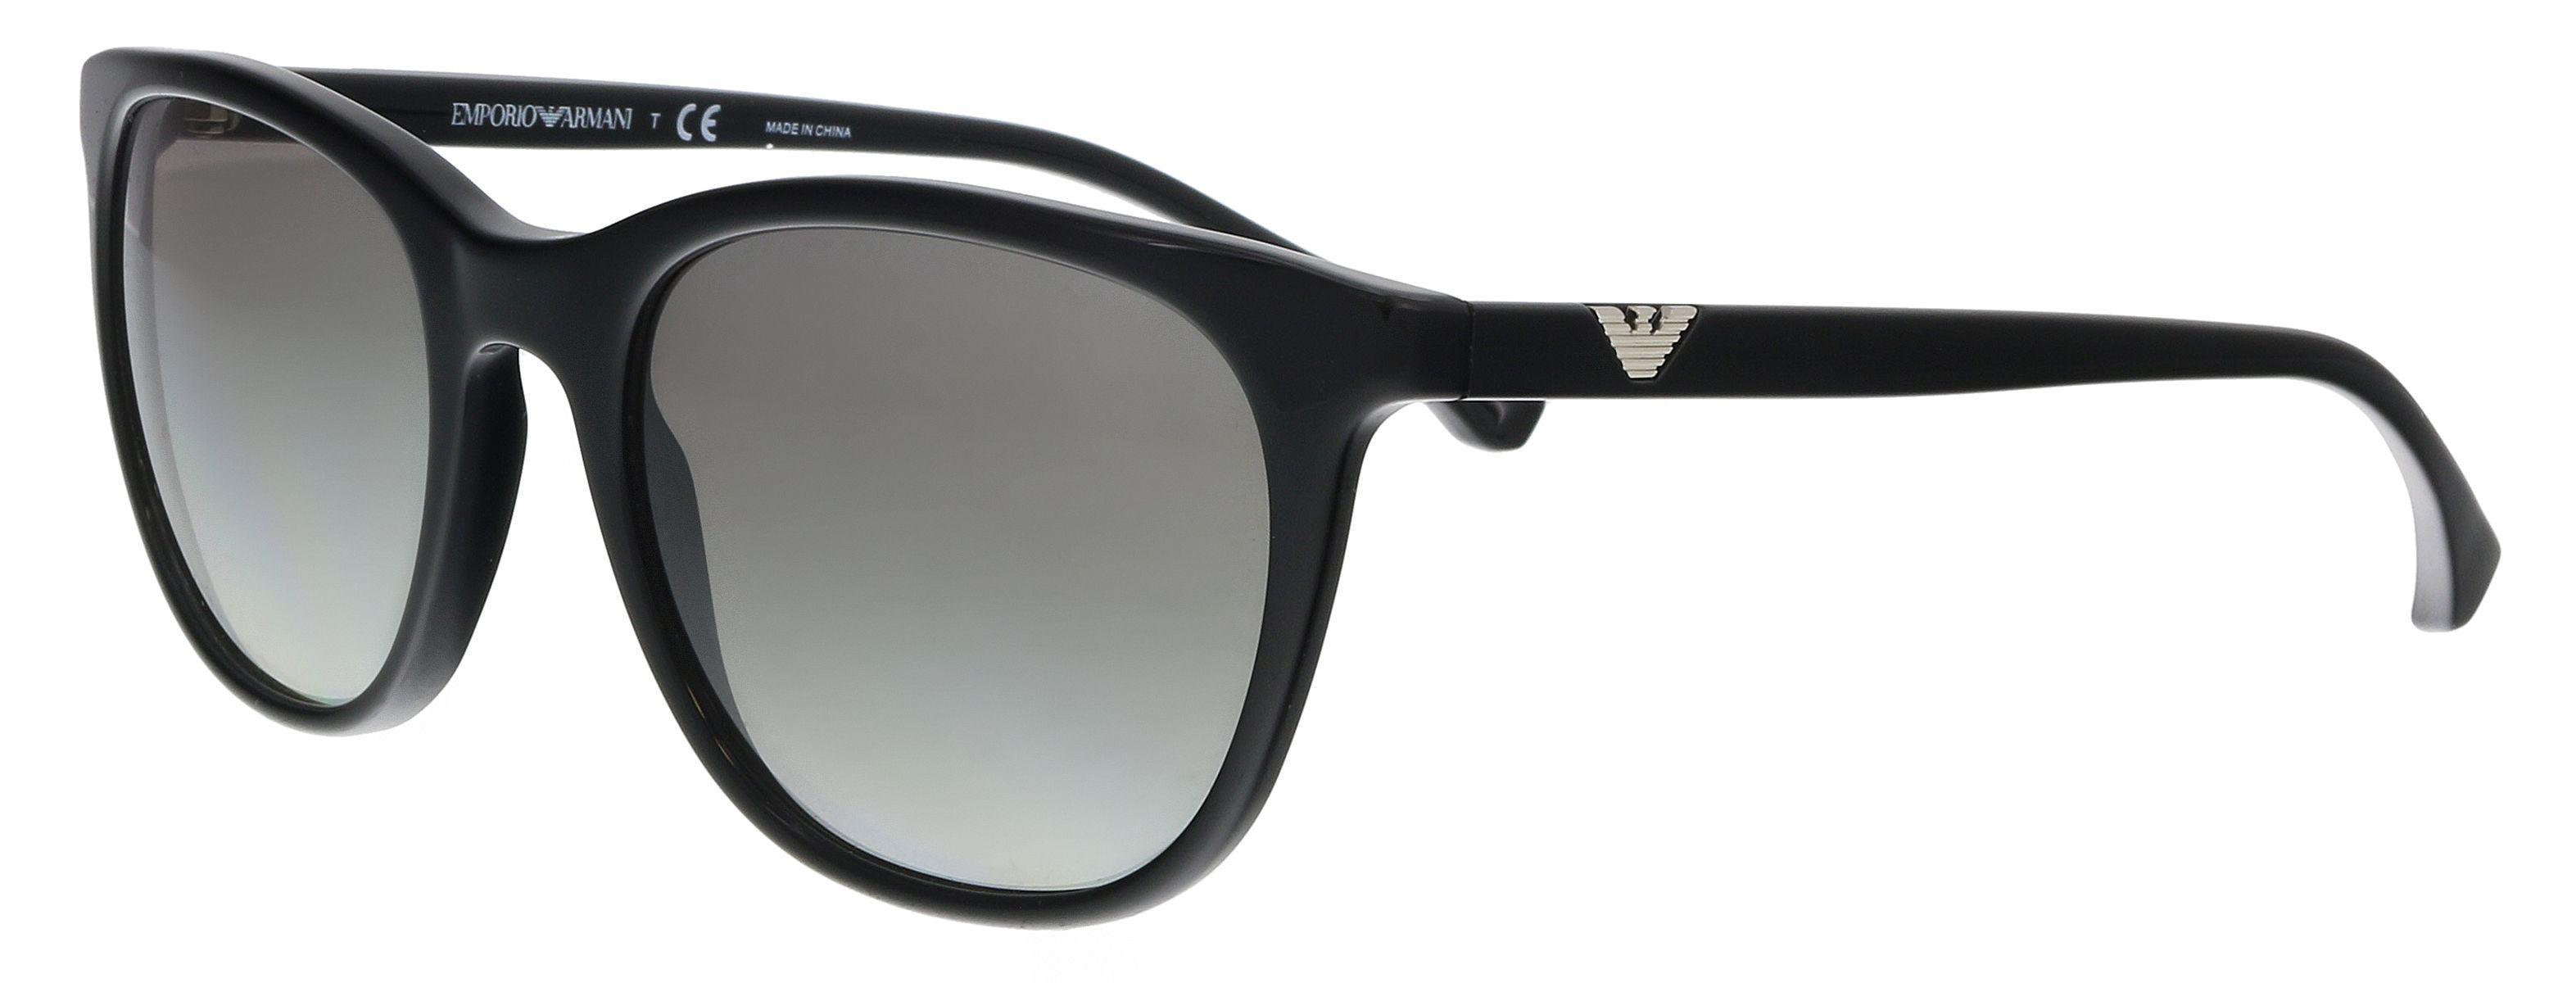 baddd06800f Lyst - Emporio Armani Ea4086 501711 Black Square Sunglasses in Black